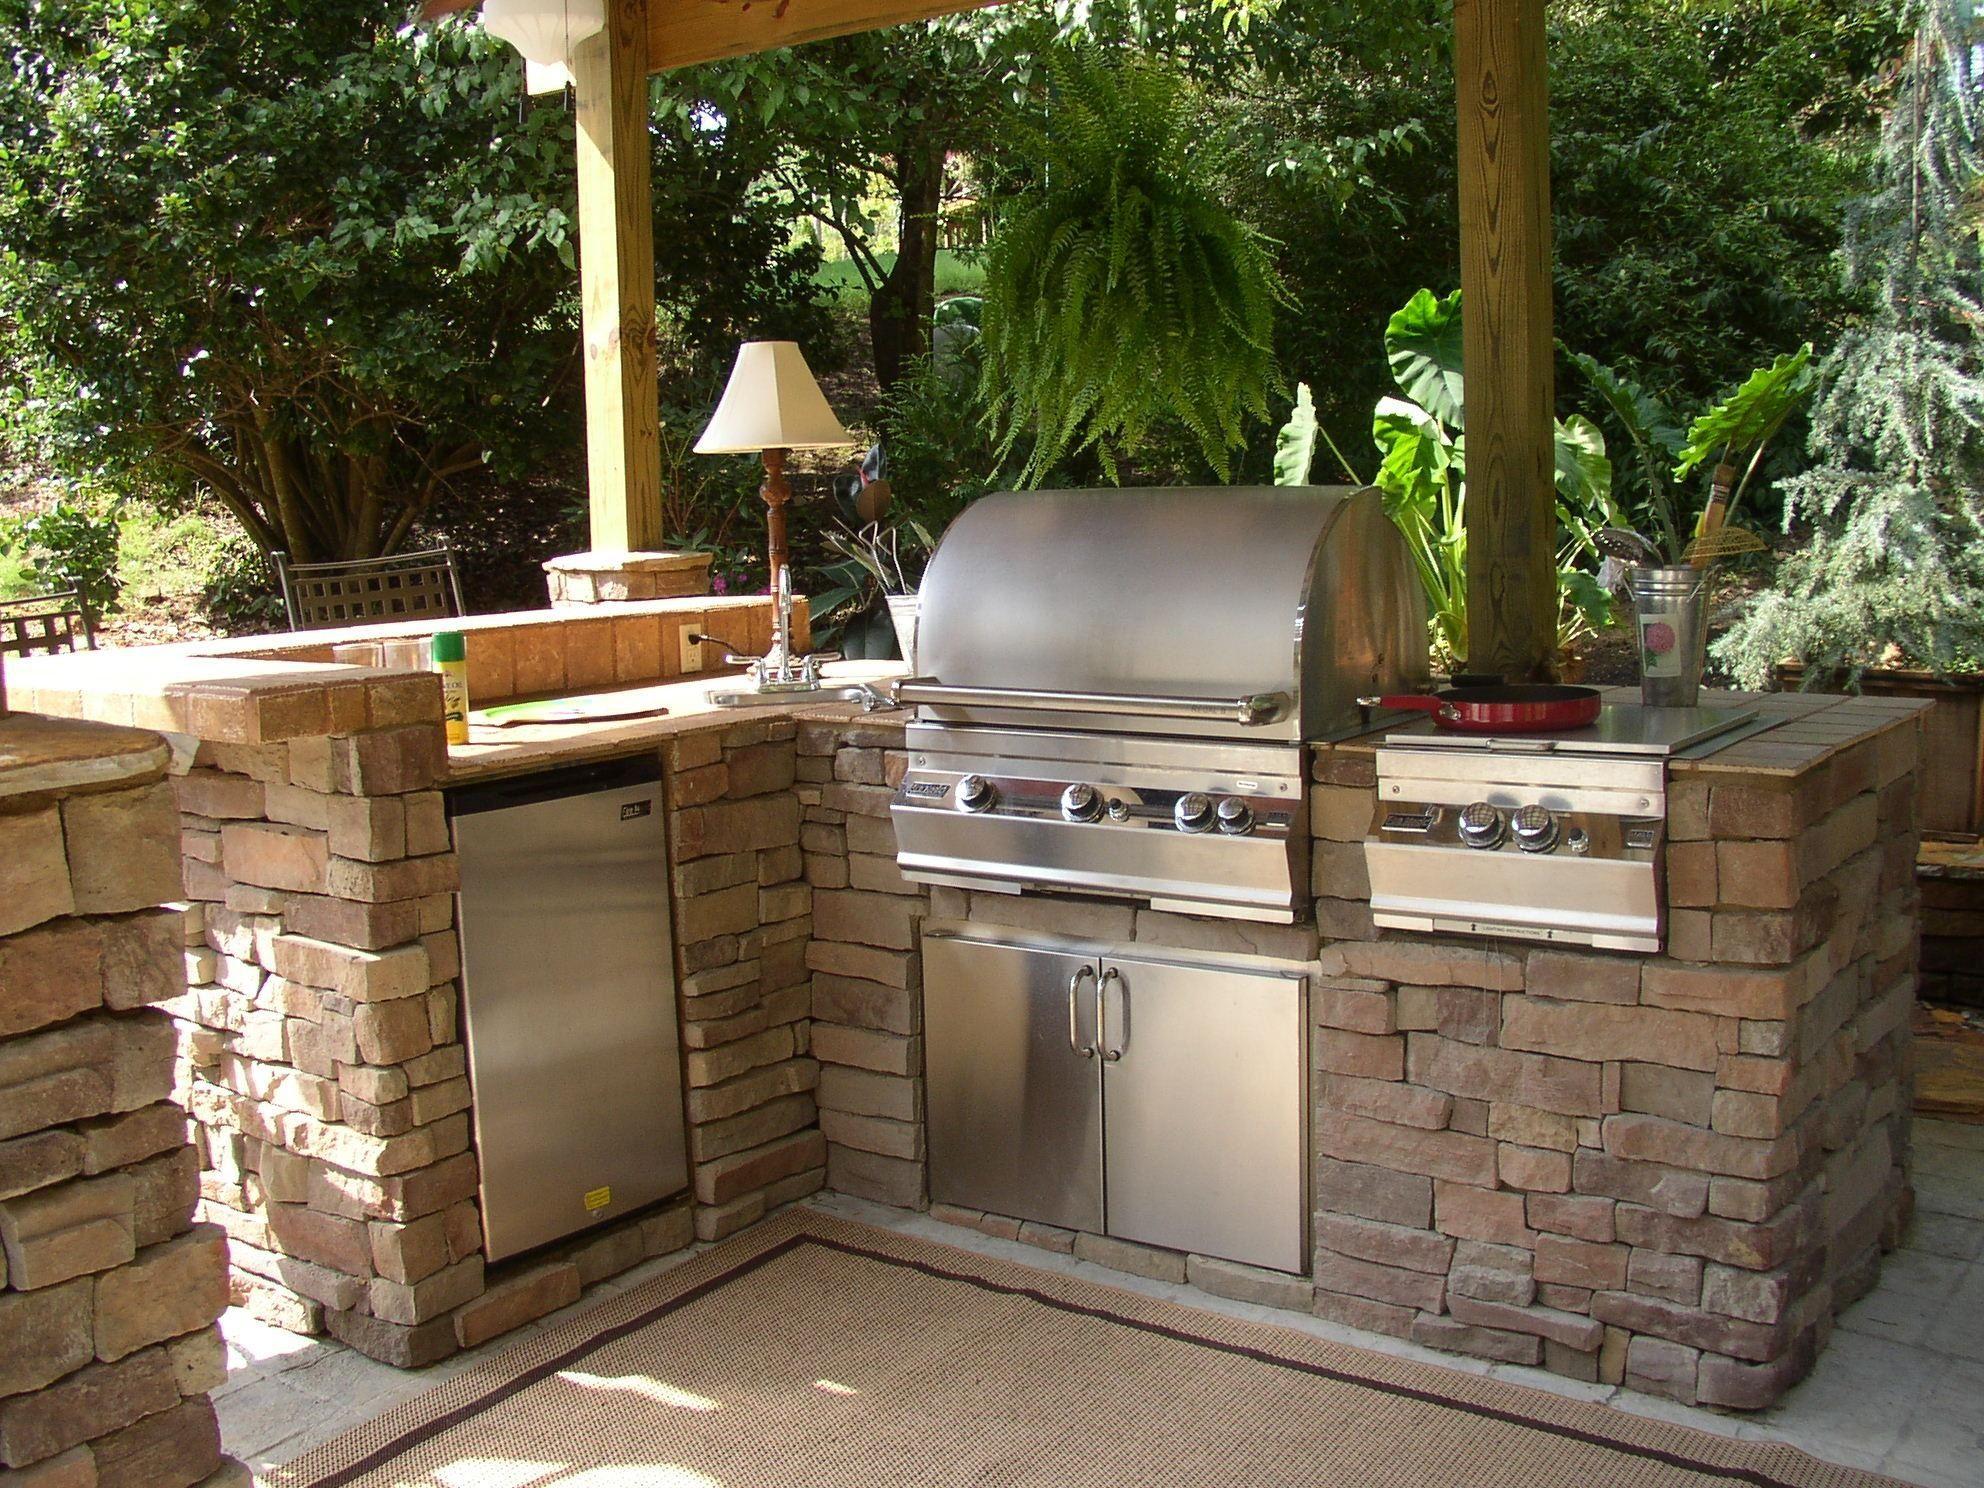 Cocina exterior parrilla pinterest cocinas casa de for Parrillas para casa de campo